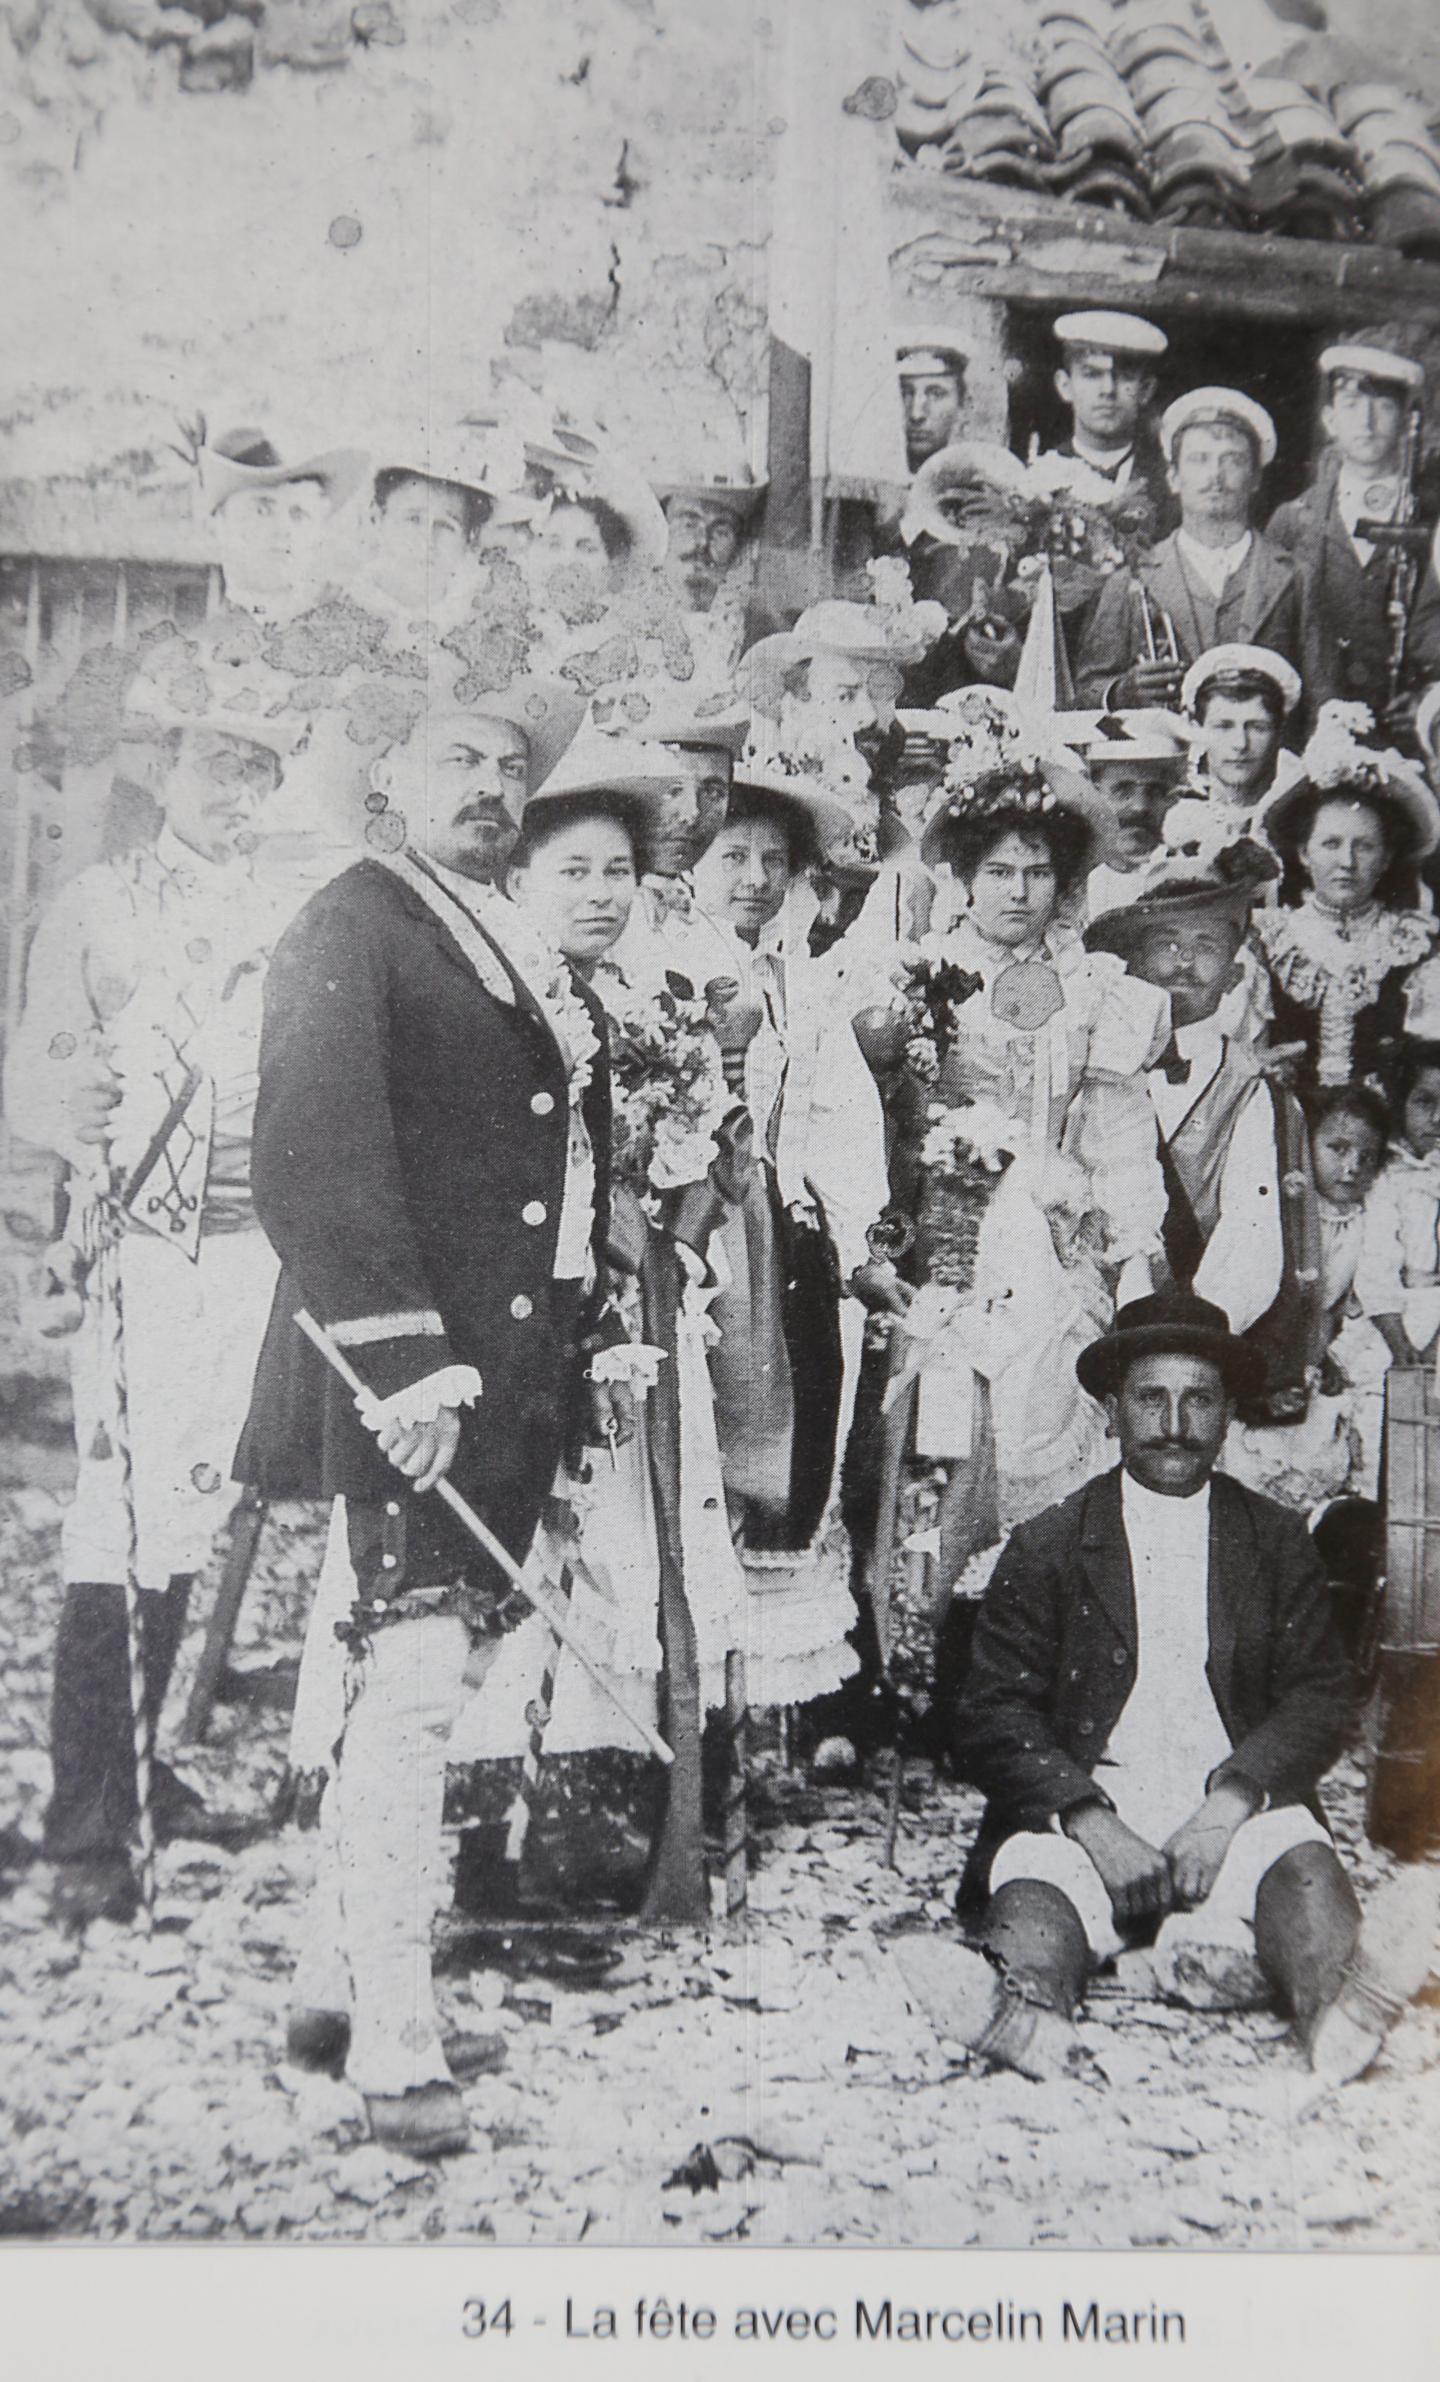 Le maire Marcellin Marin portant une dague à la ceinture, au début du XXesiècle.